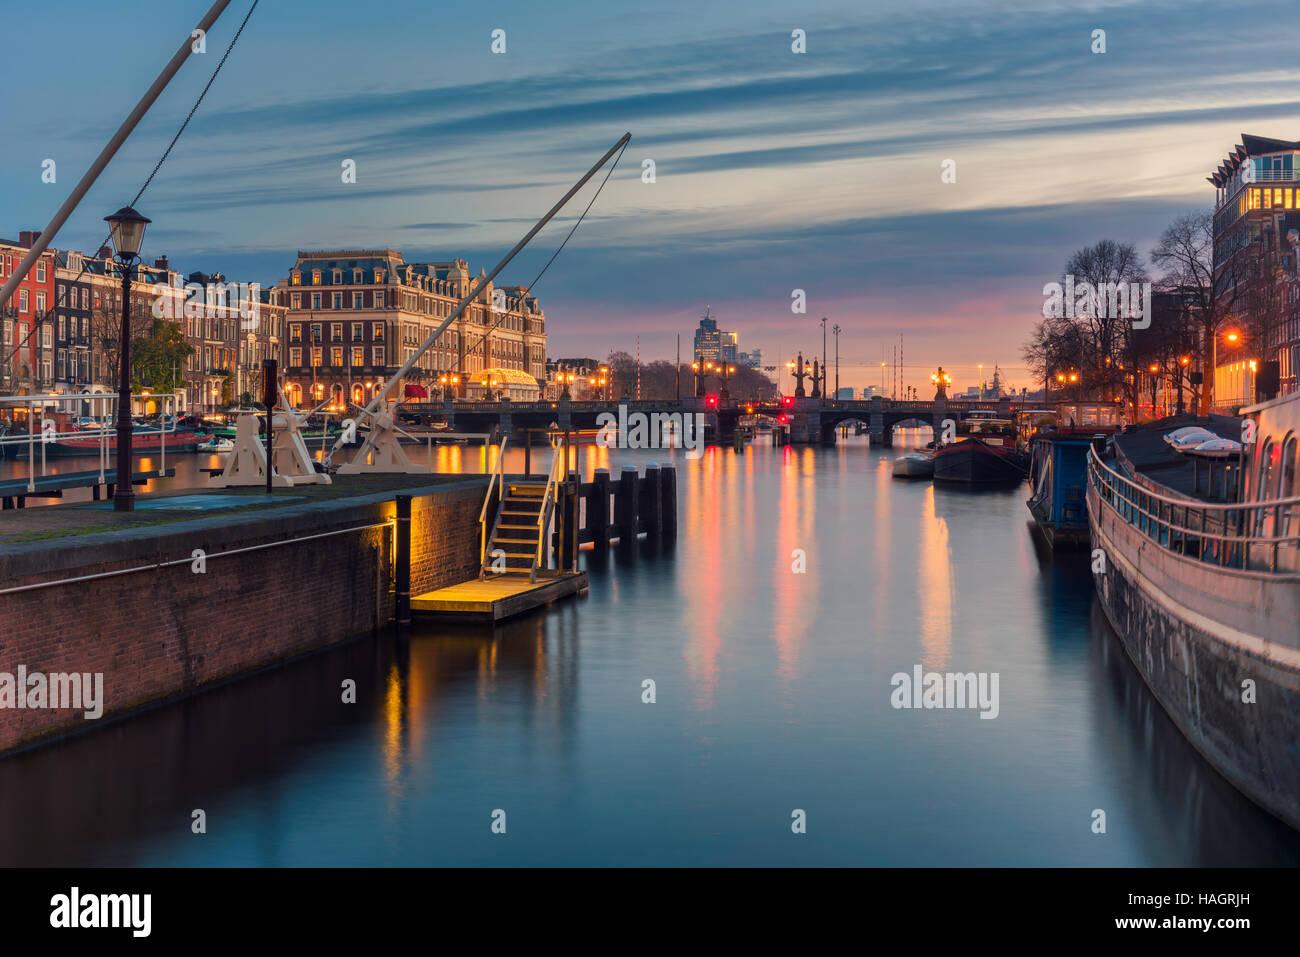 La rivière Amstel et environs à Amsterdam Pays-Bas Photo Stock